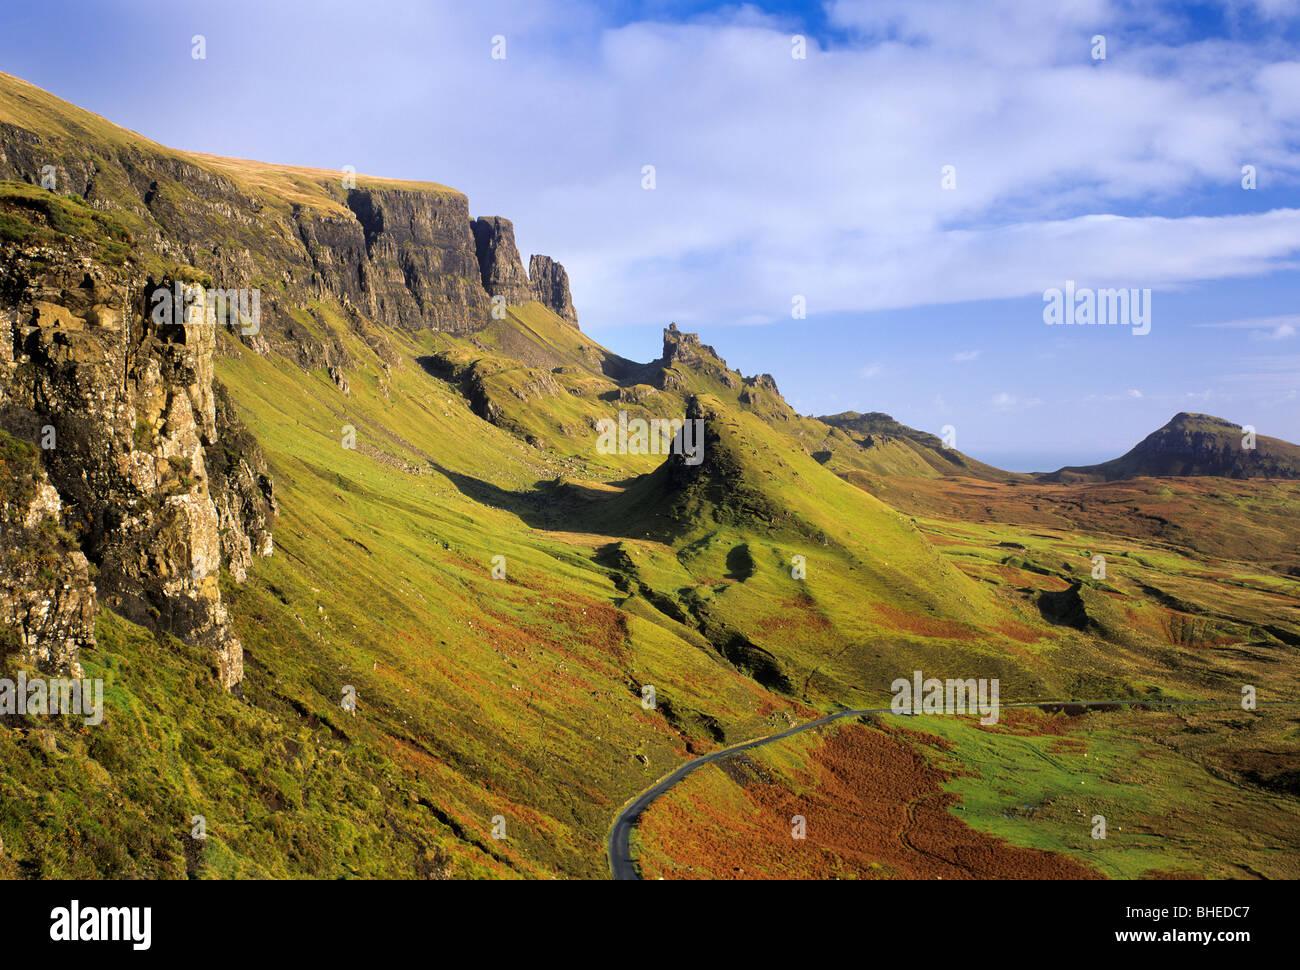 The Quiraing, Isle of Skye, Highland, Scotland, UK - Stock Image